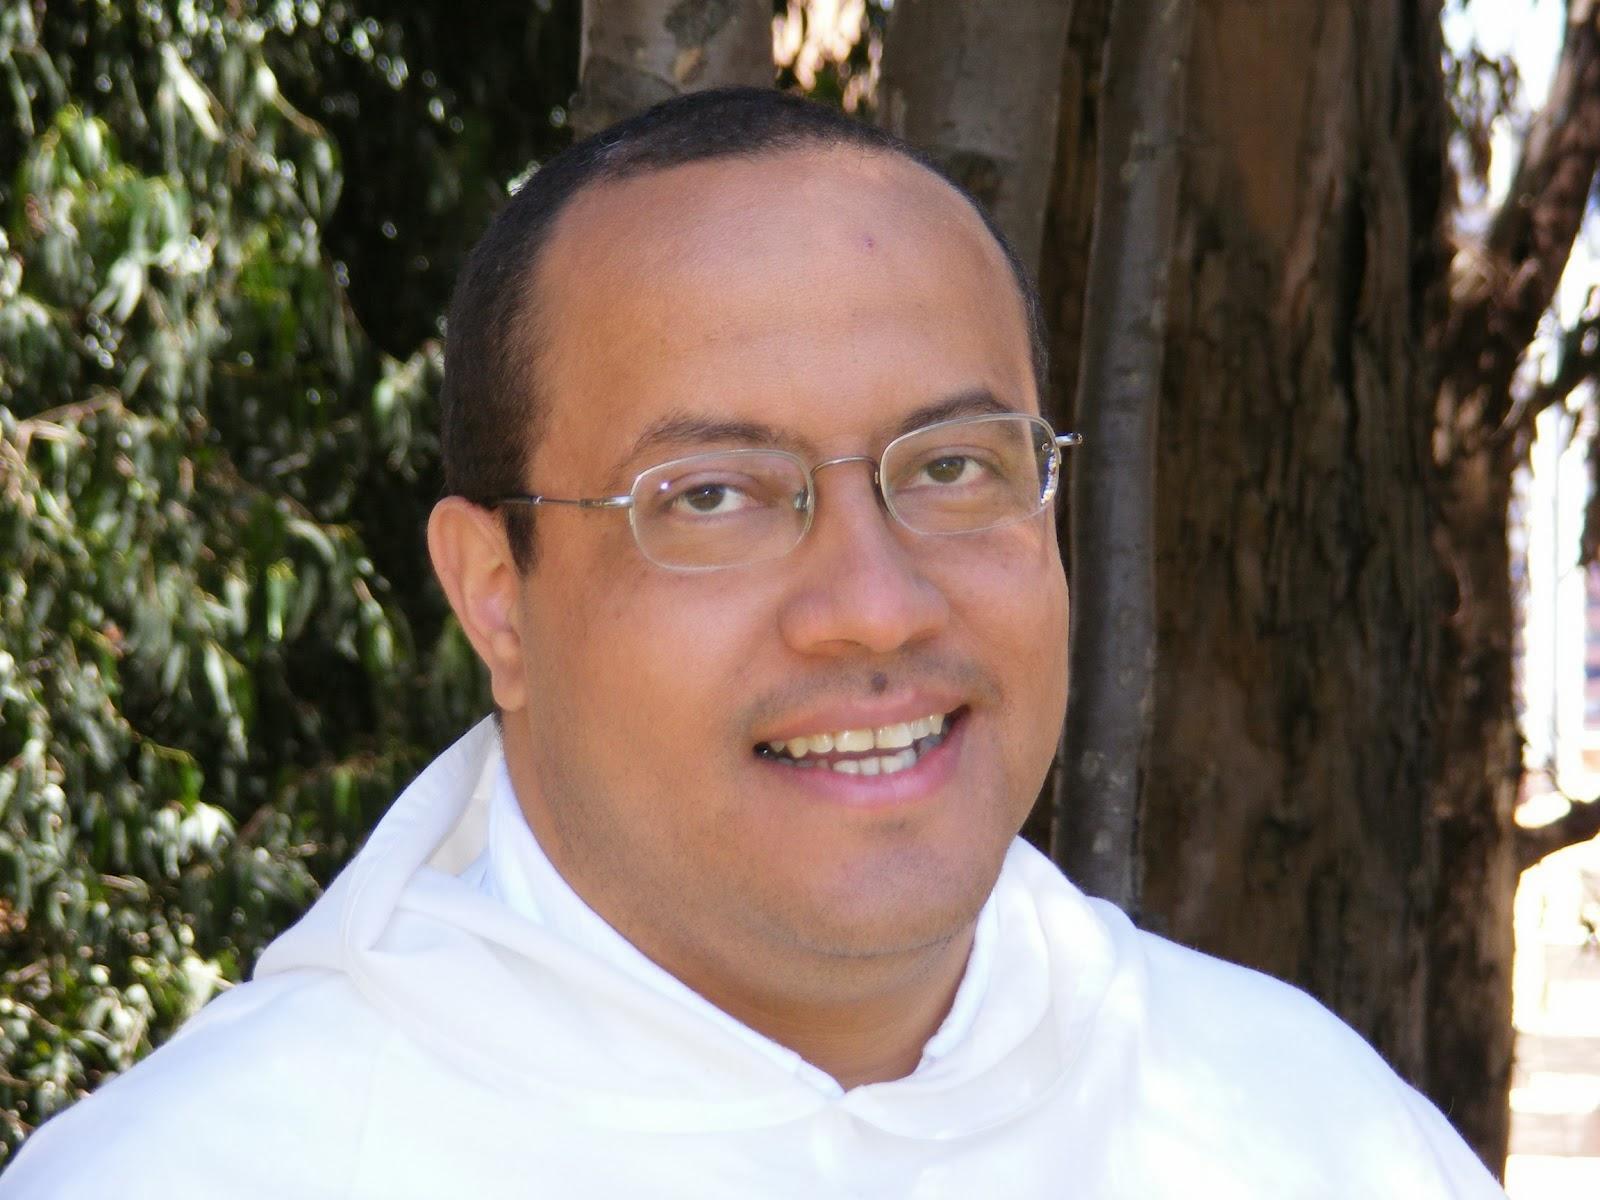 EVANGELIO DIARIO DE FRAY NELSON MEDINA